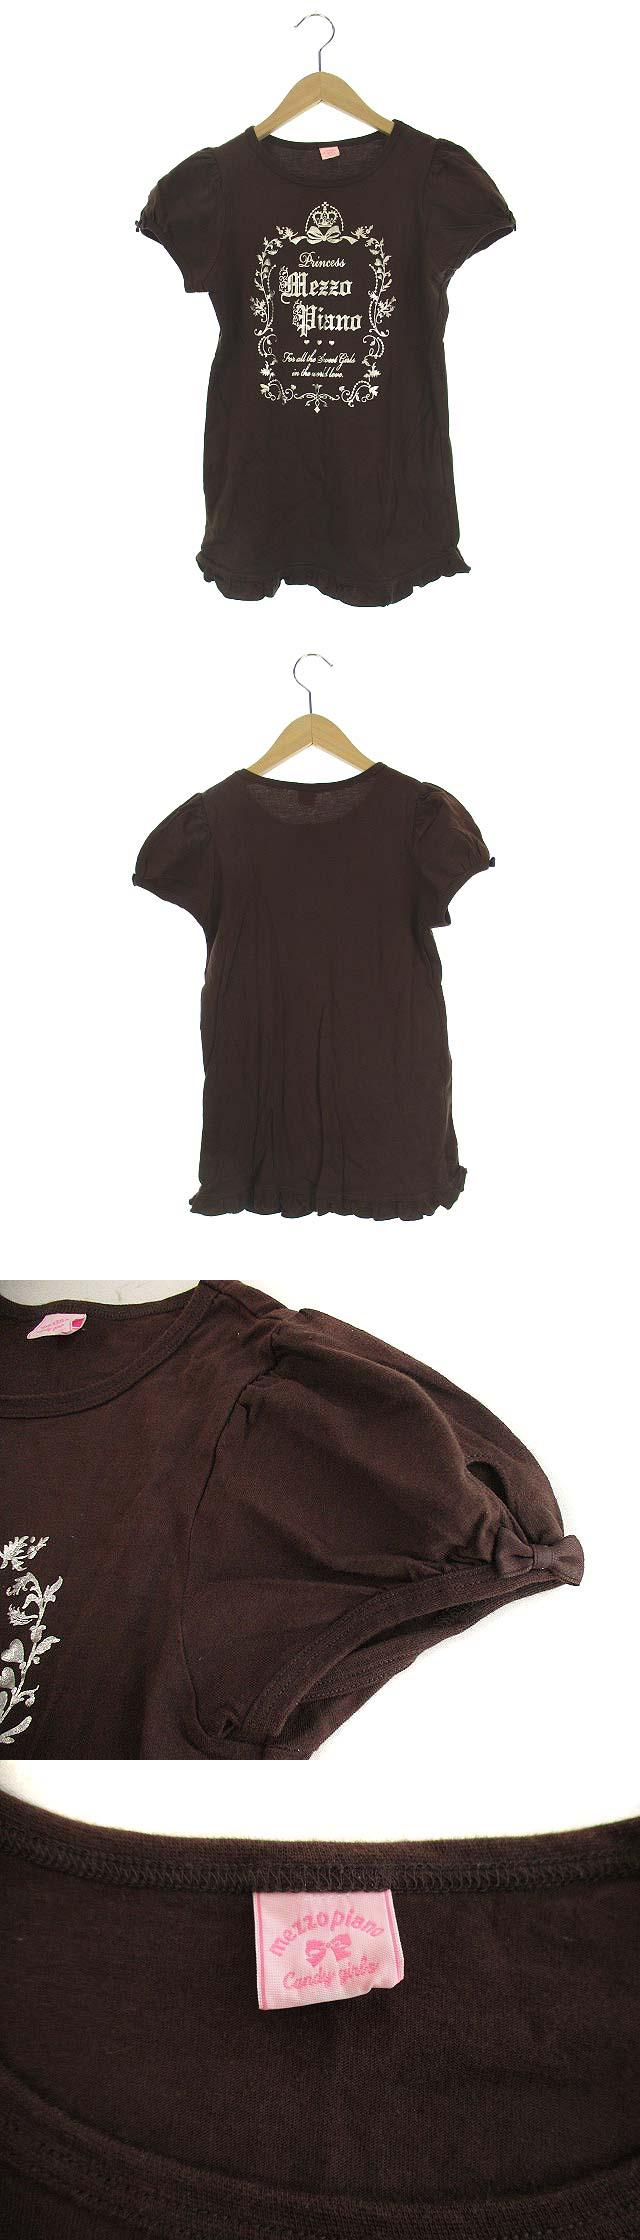 裾フリル カットソー トップス ロゴ プリント パフスリーブ リボン Tシャツ 半袖 ブラウン 茶 L 160 子供服 キッズ